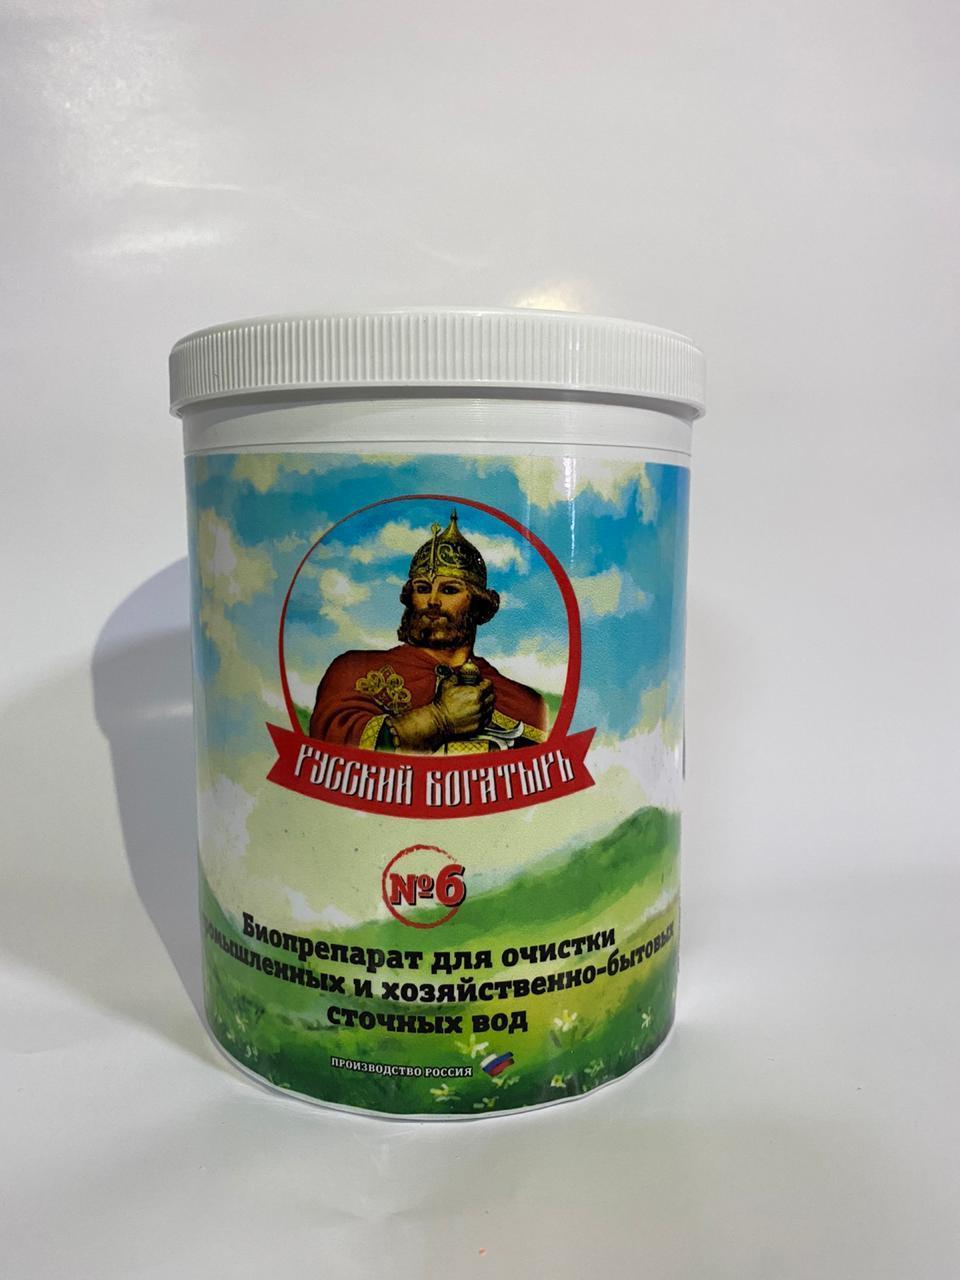 Для расщепления органических загрязнений, белков, жиров, масел, углеводородов Русский богатырь №6 1 кг